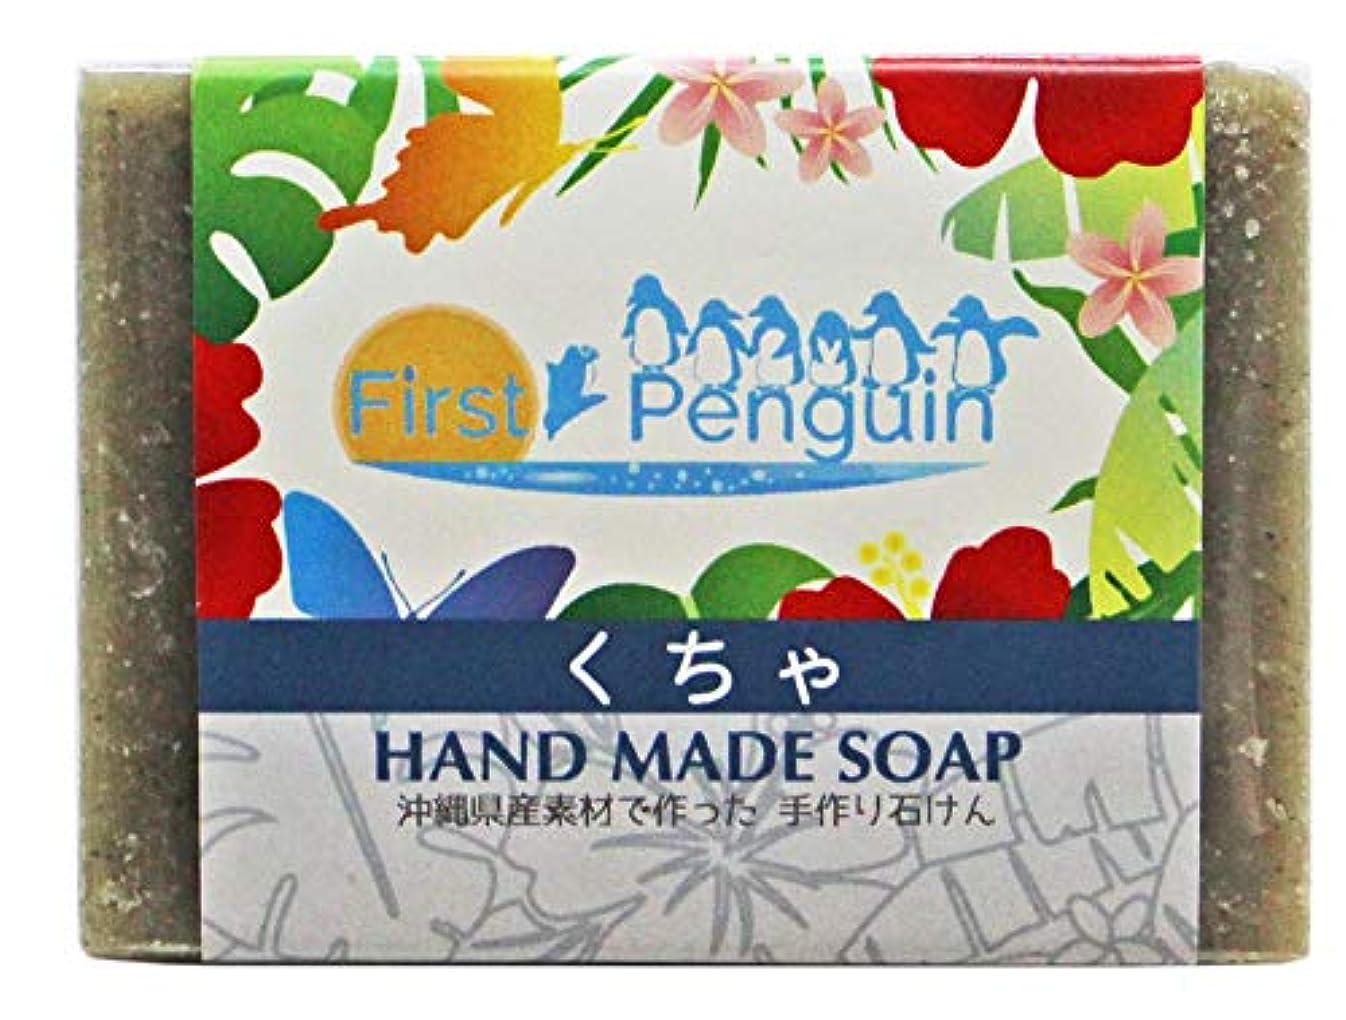 メタンディンカルビル不可能な手作り洗顔石けん くちゃ 100g